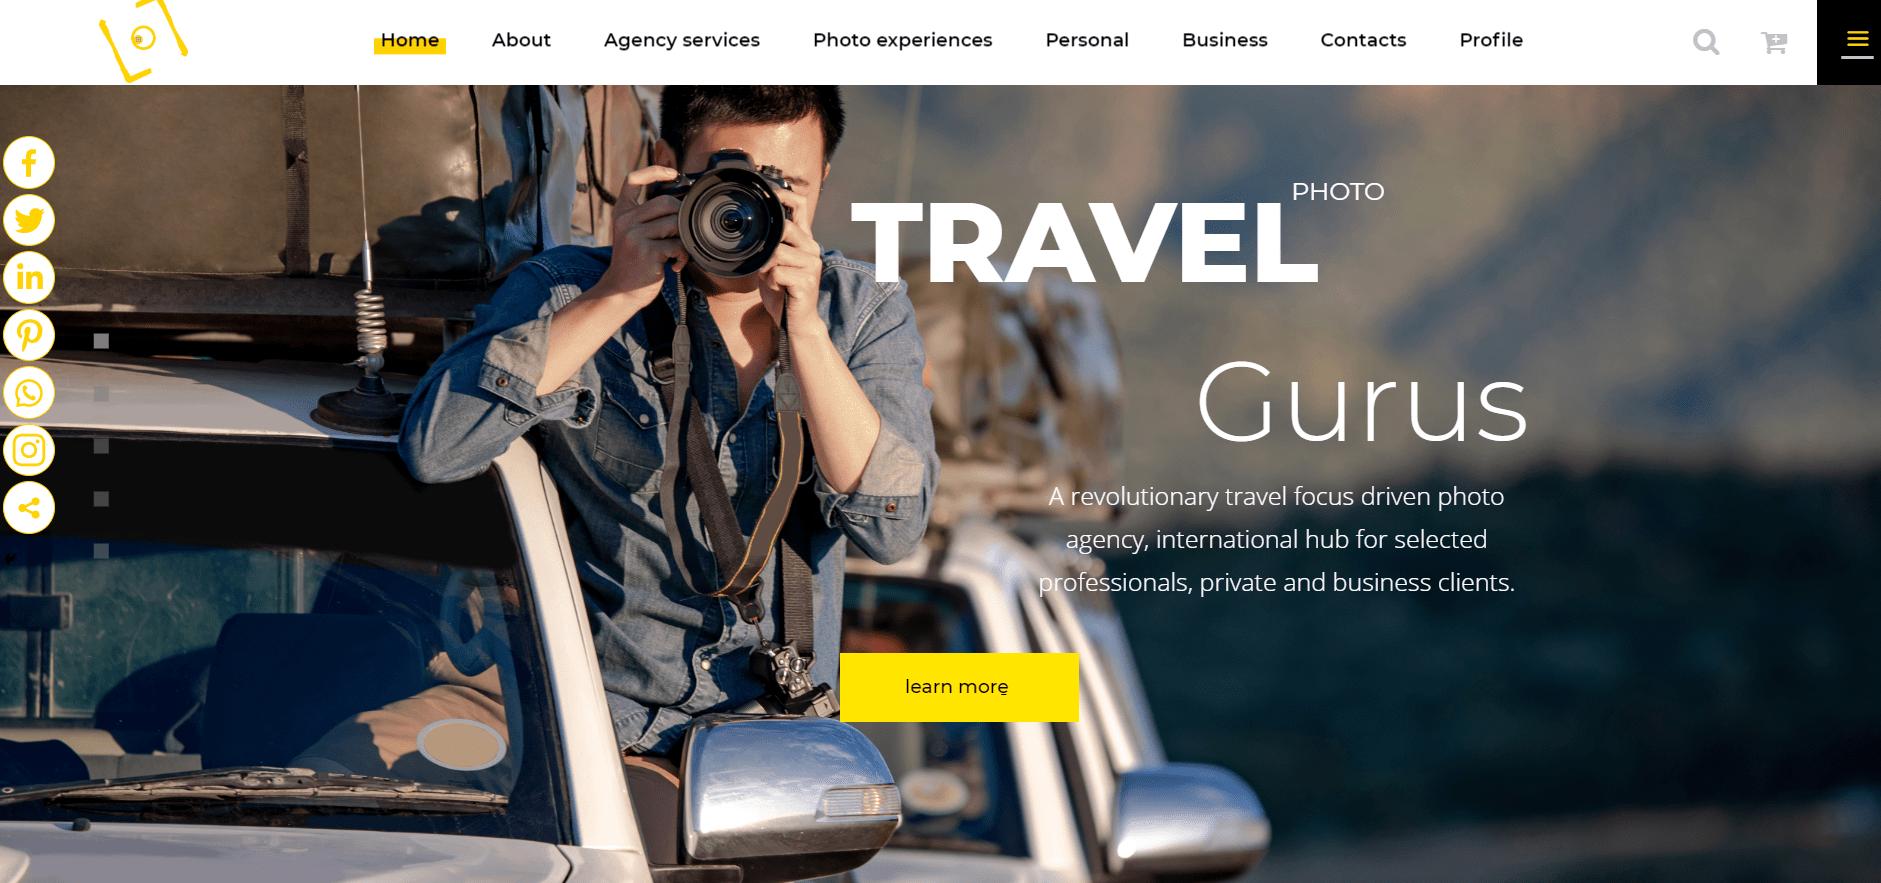 apps & websites for digital nomads